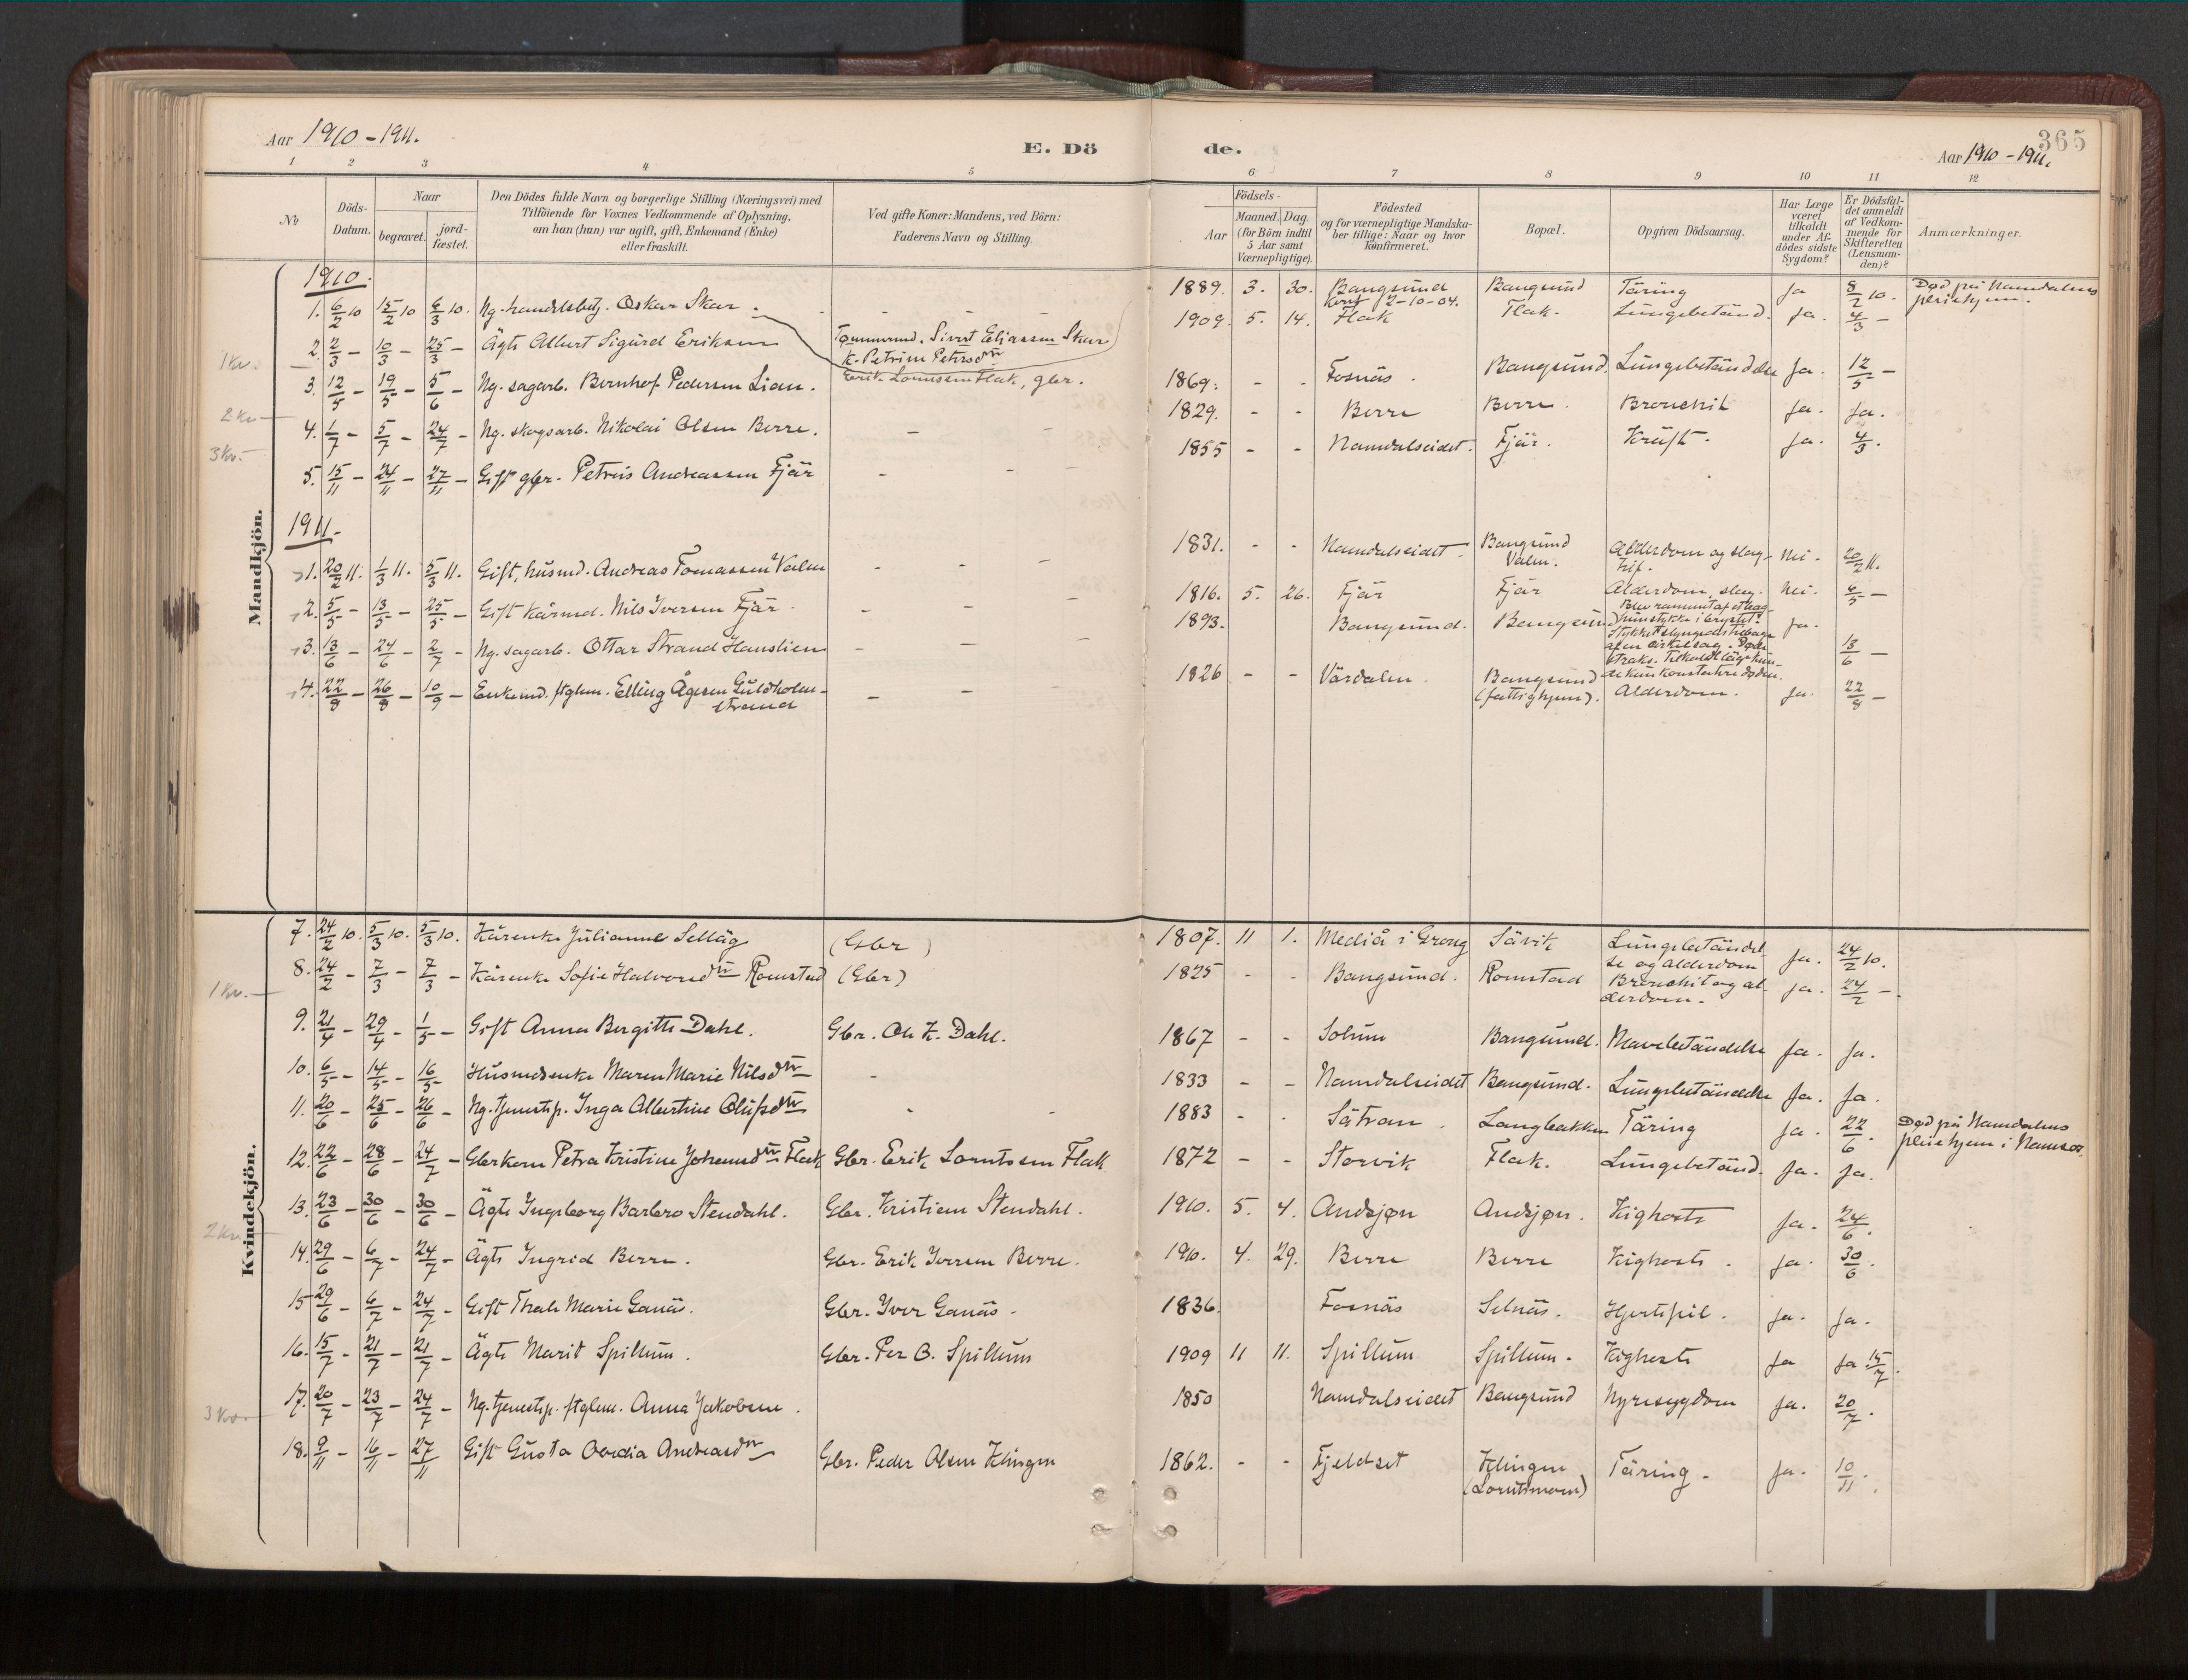 SAT, Ministerialprotokoller, klokkerbøker og fødselsregistre - Nord-Trøndelag, 770/L0589: Ministerialbok nr. 770A03, 1887-1929, s. 365